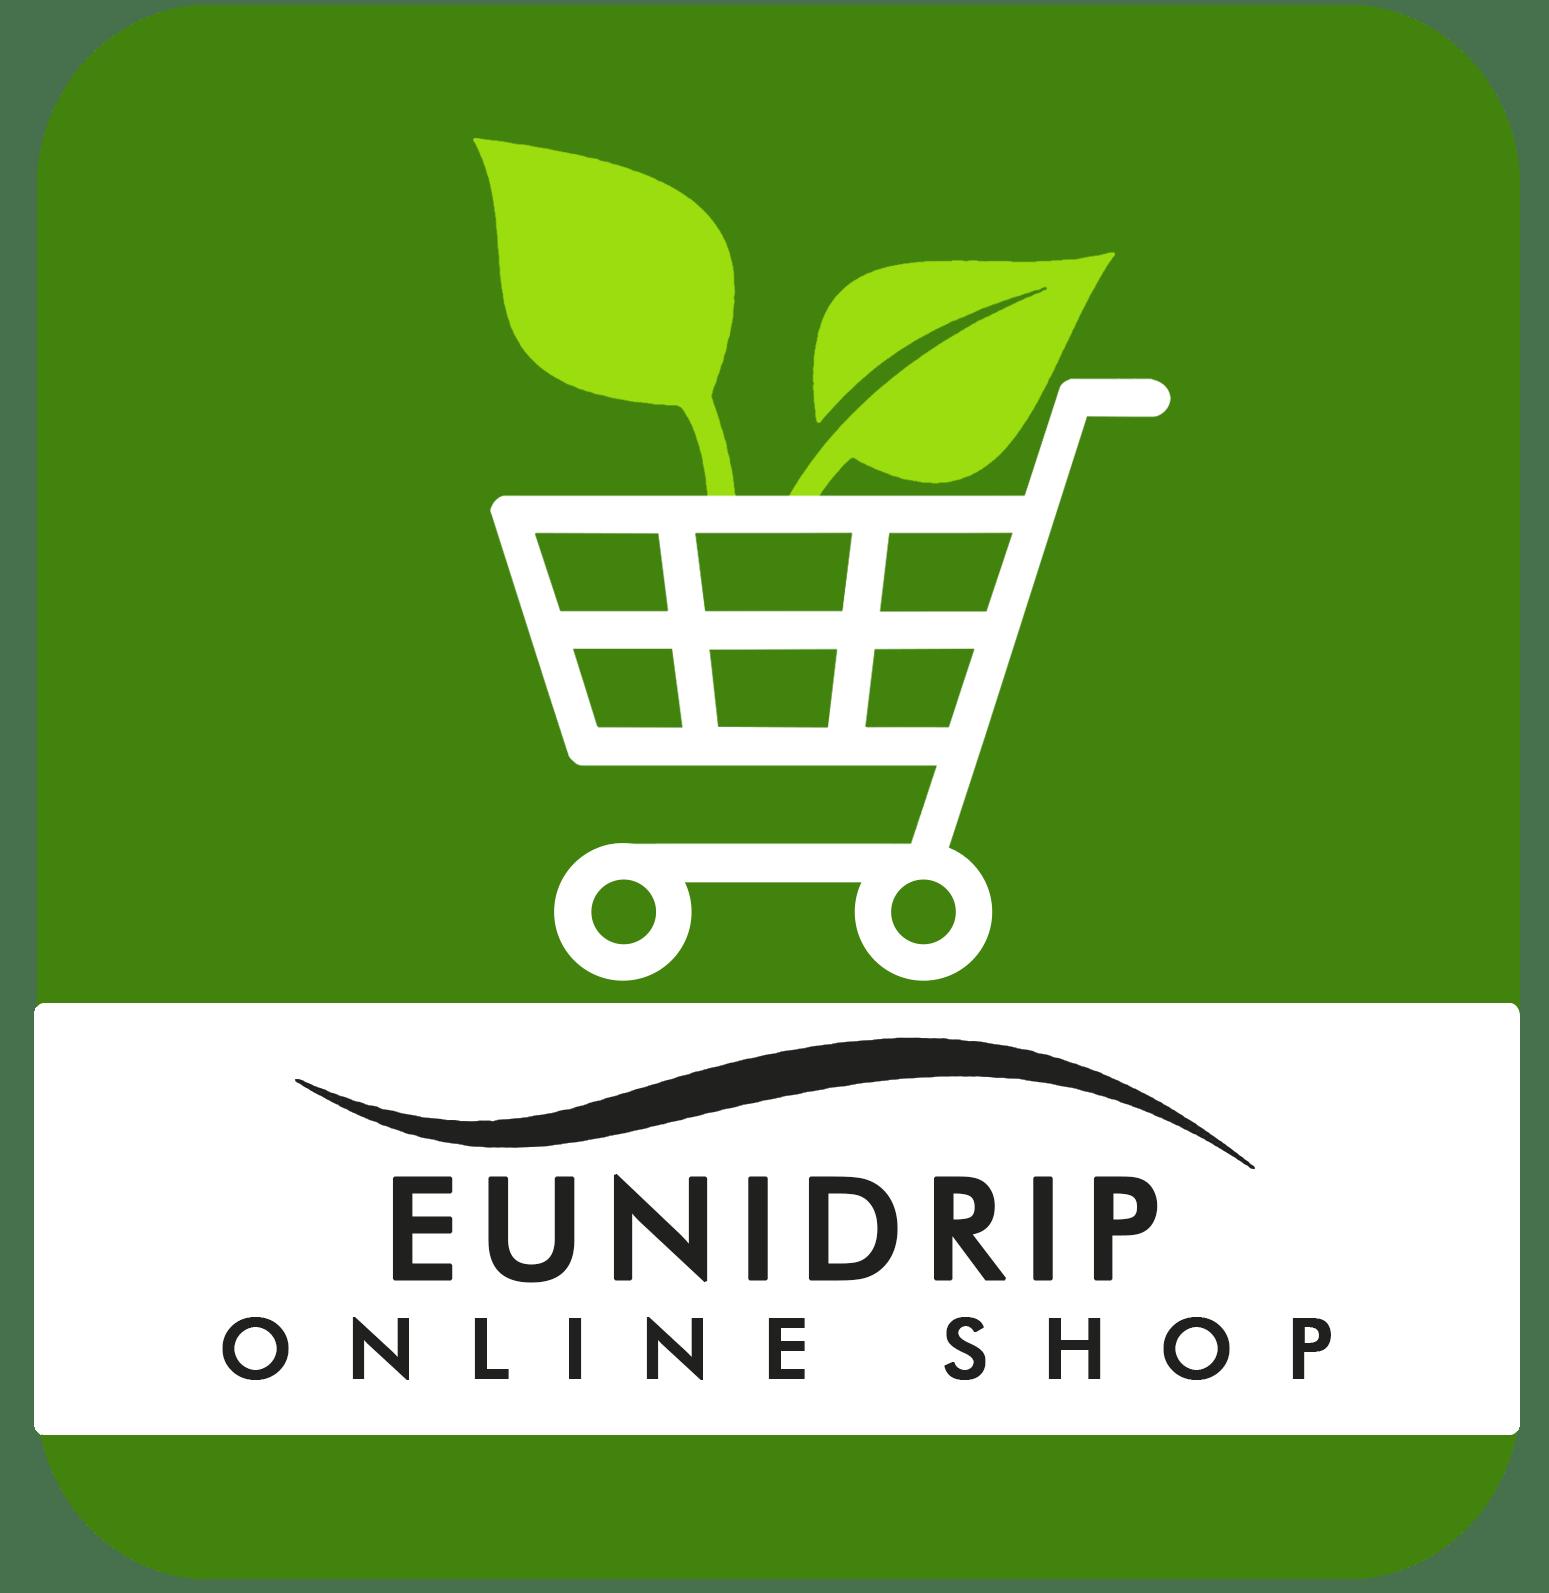 Eunidrip Online Shop